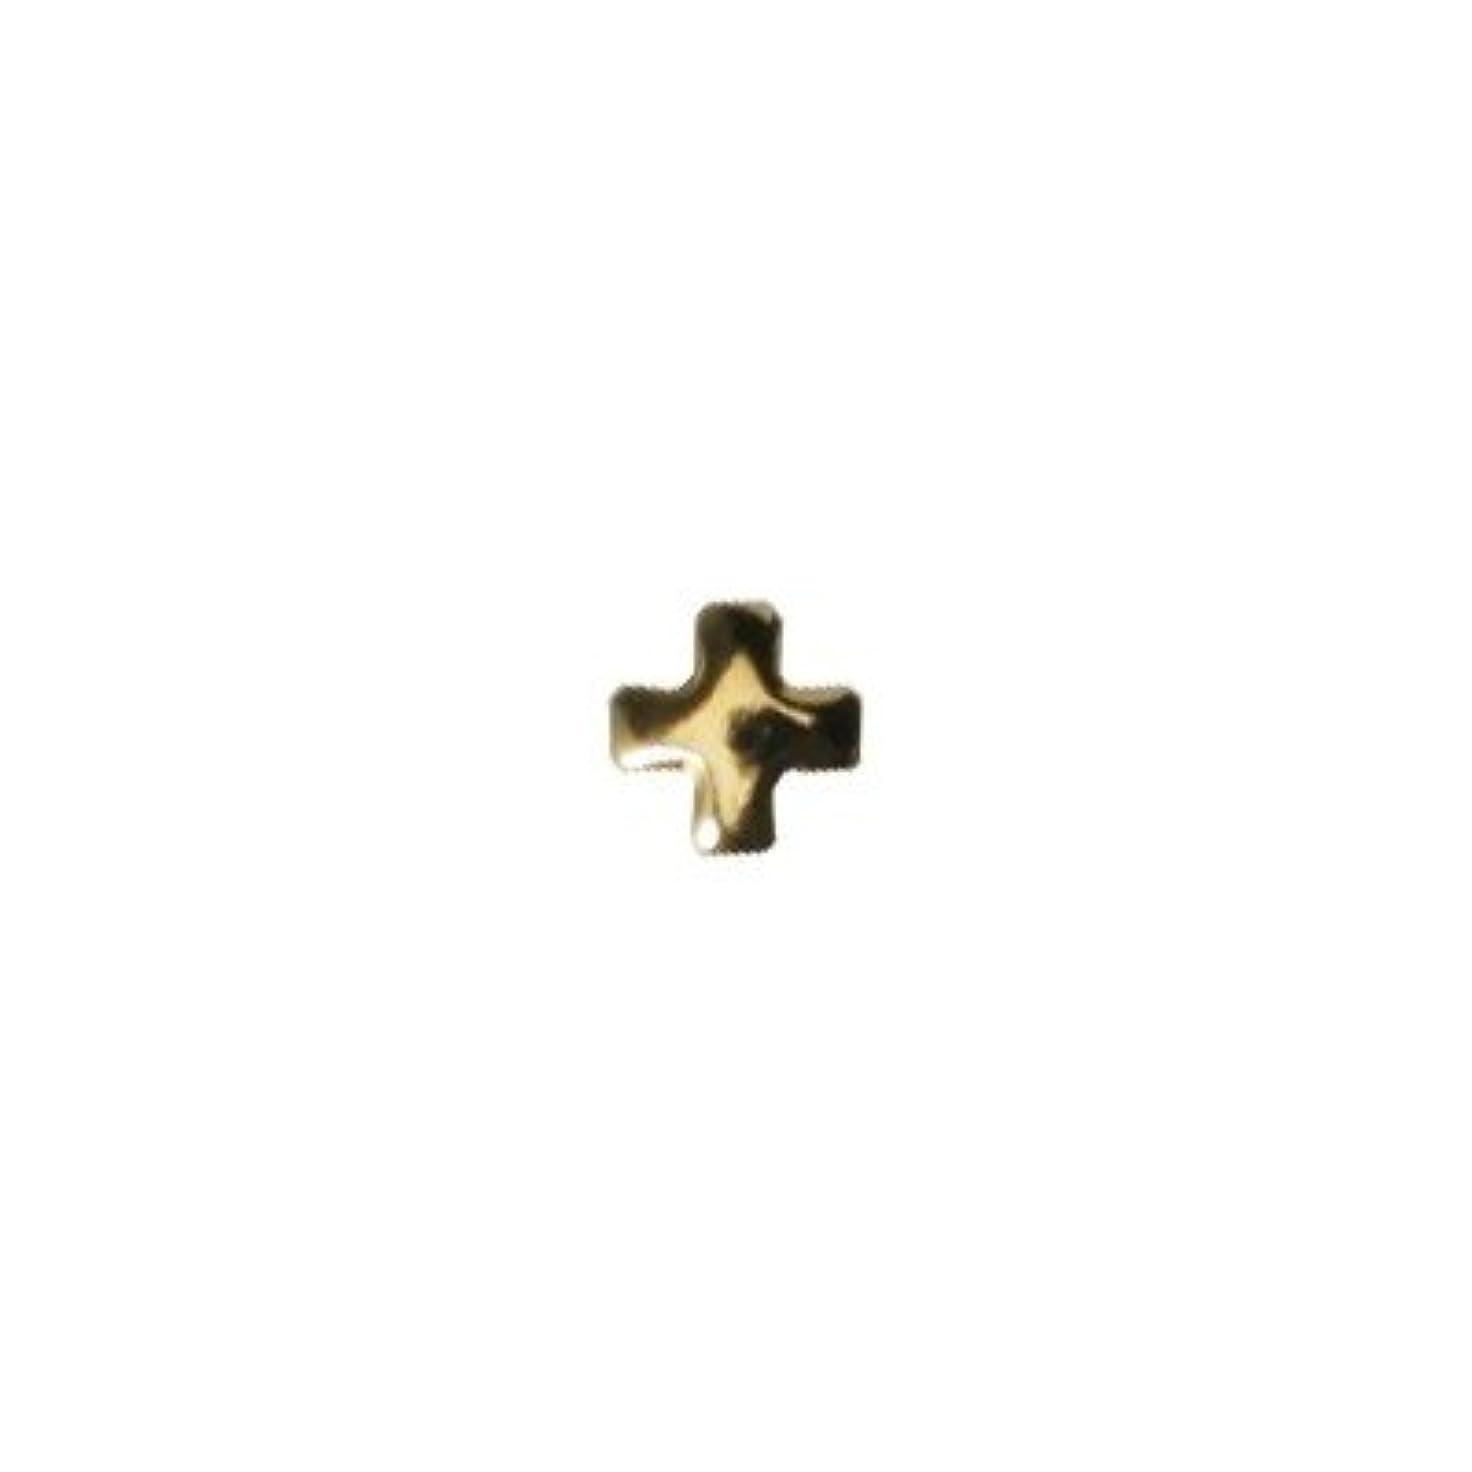 クリップノベルティ歩行者ピアドラ スタッズ クロスレット 2mm 50P ゴールド